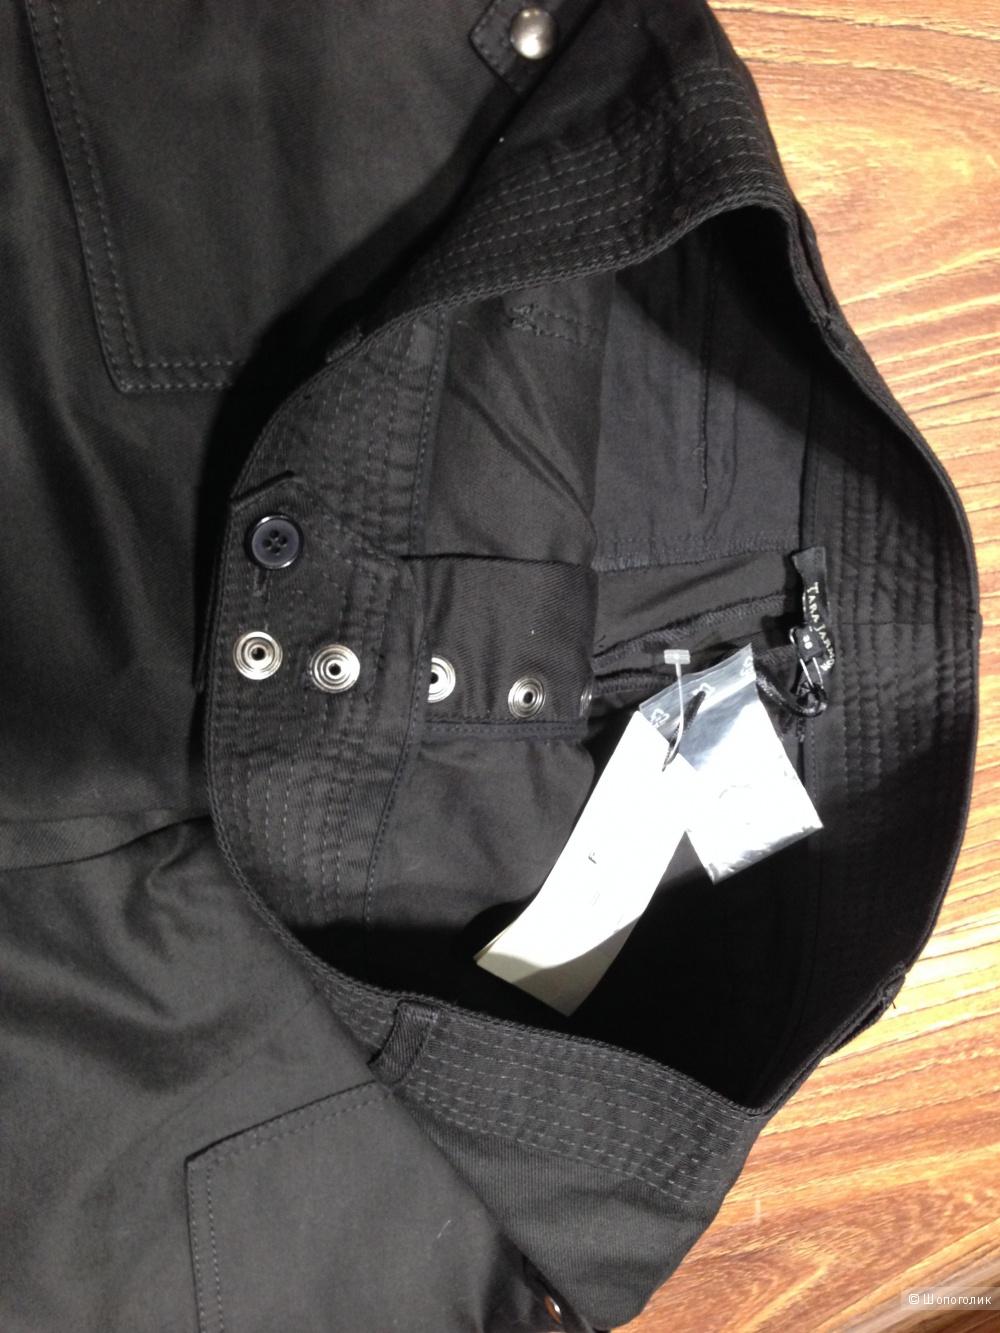 Дизайнерские брючки-джинсы от Tara Jarmon из бутика Боско р.44 Новые.Оригинал